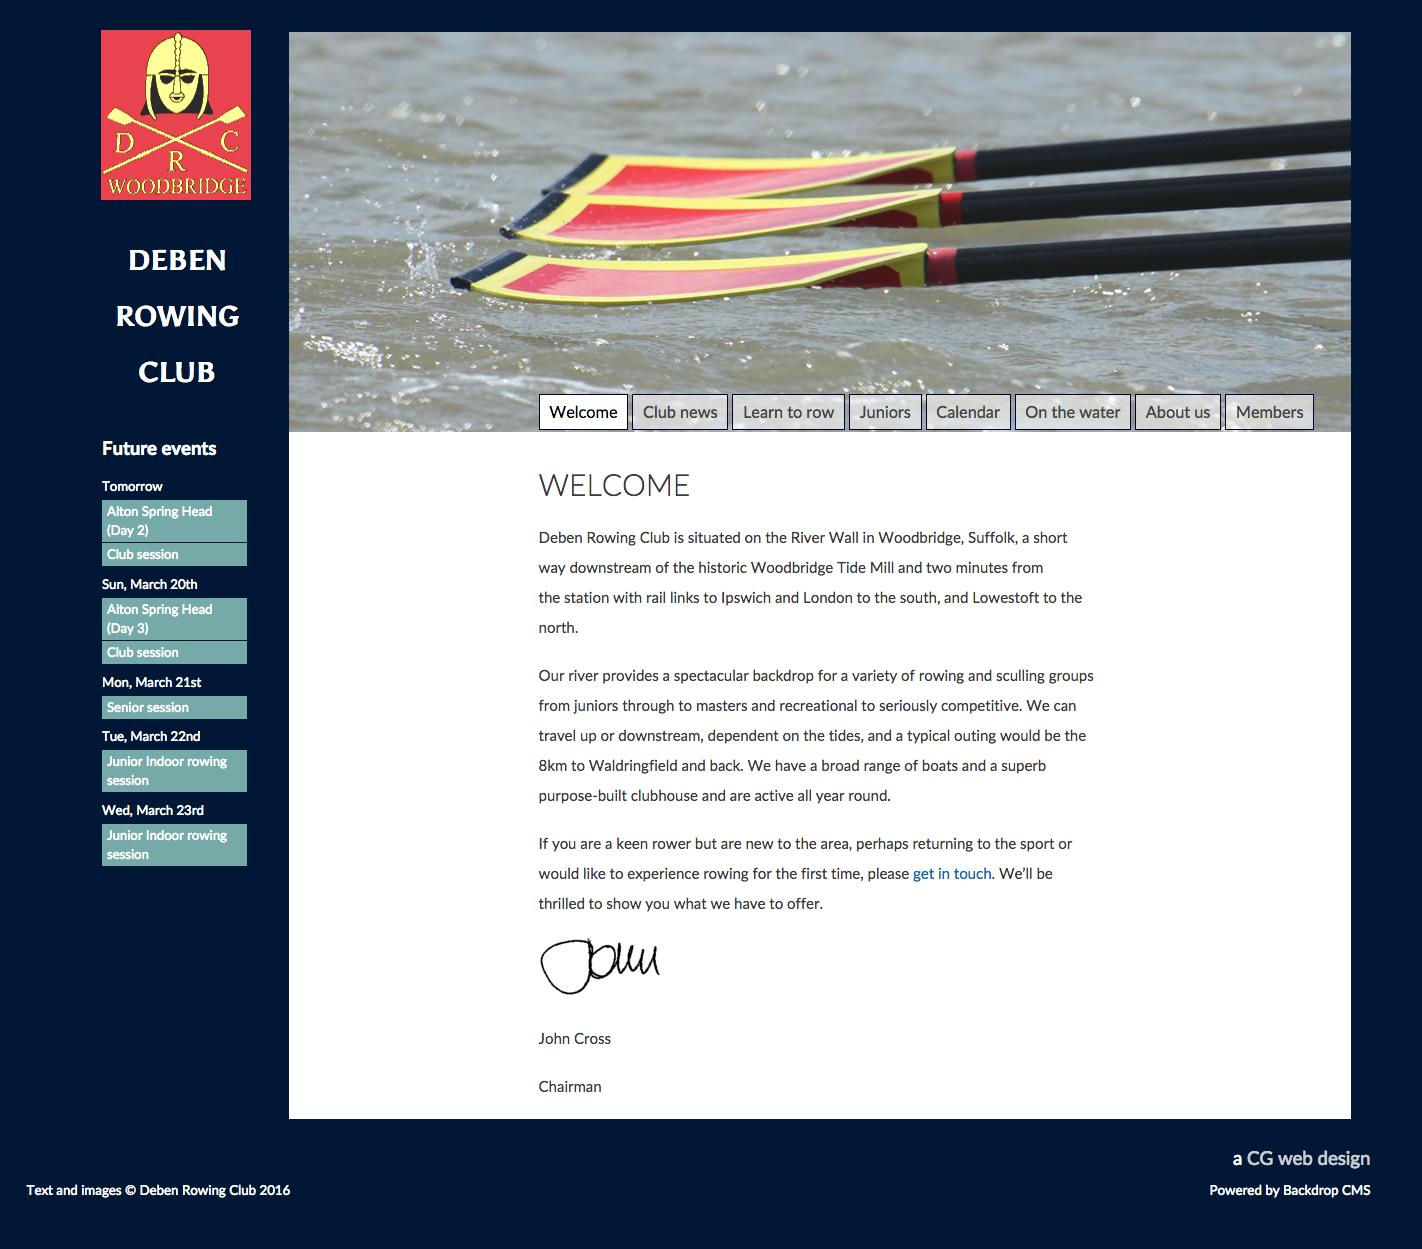 Deben Rowing Club